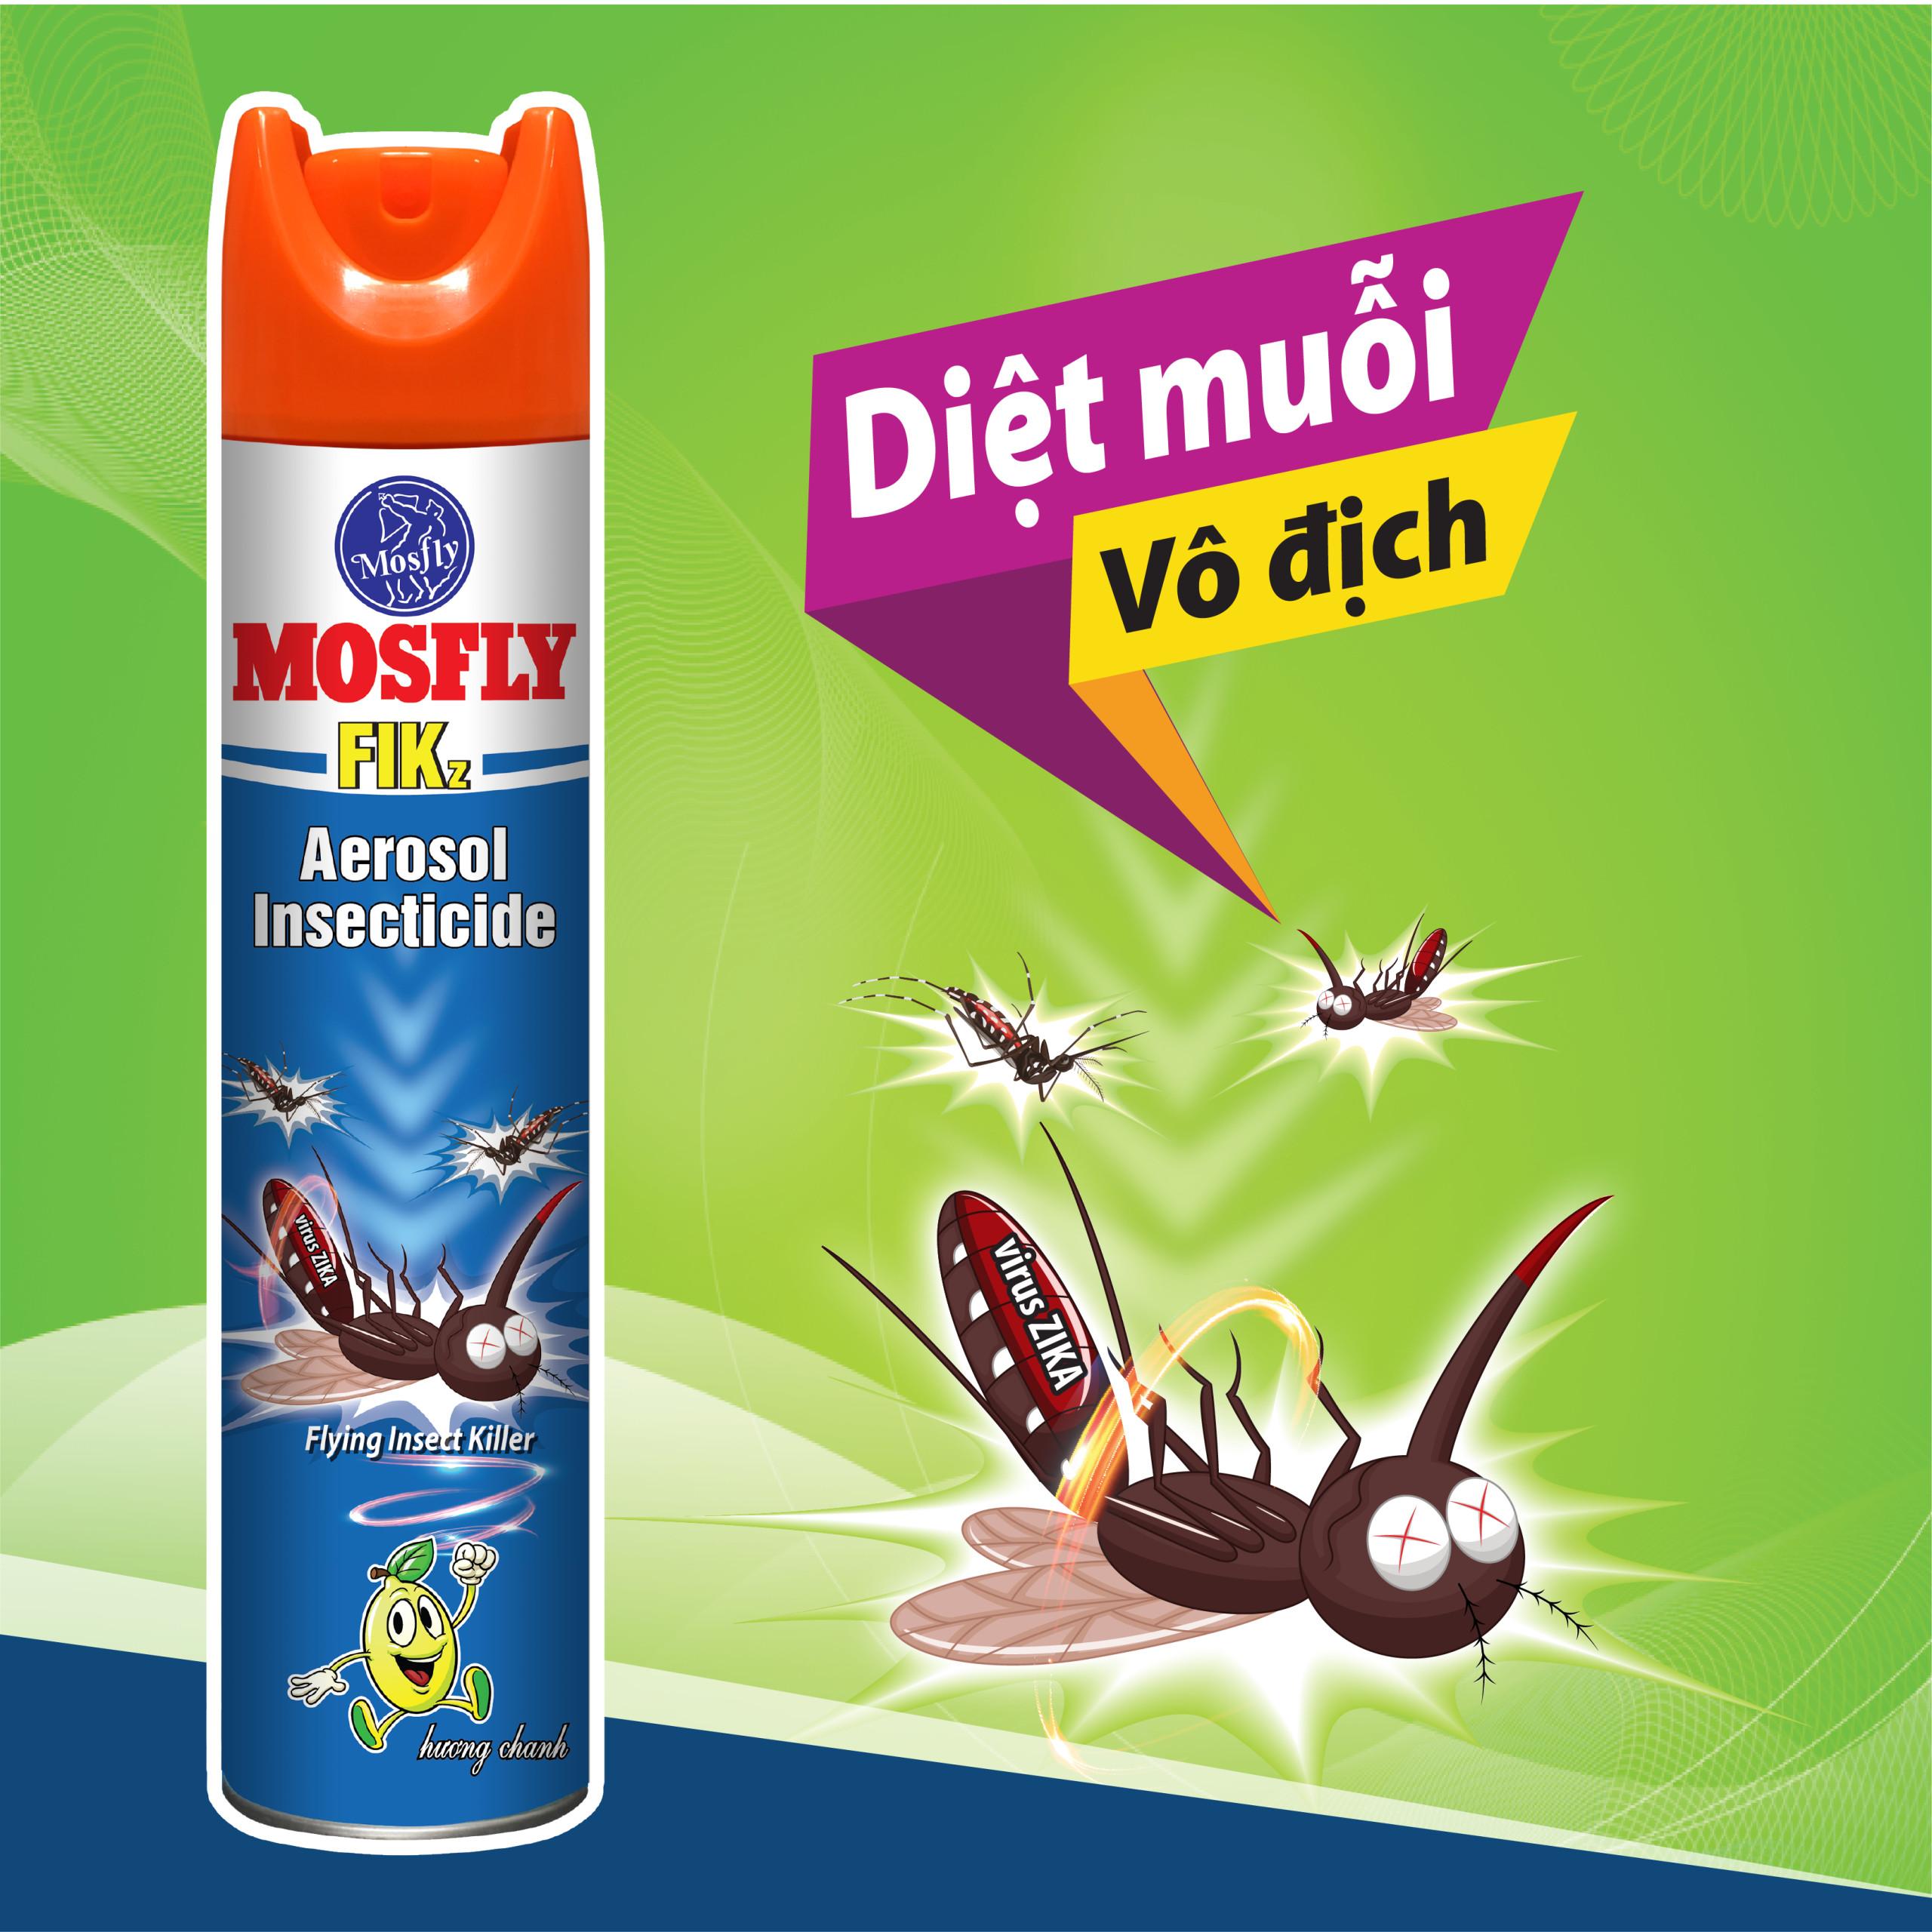 Thuốc diệt muỗi có gây hại cho sức khỏe người dùng